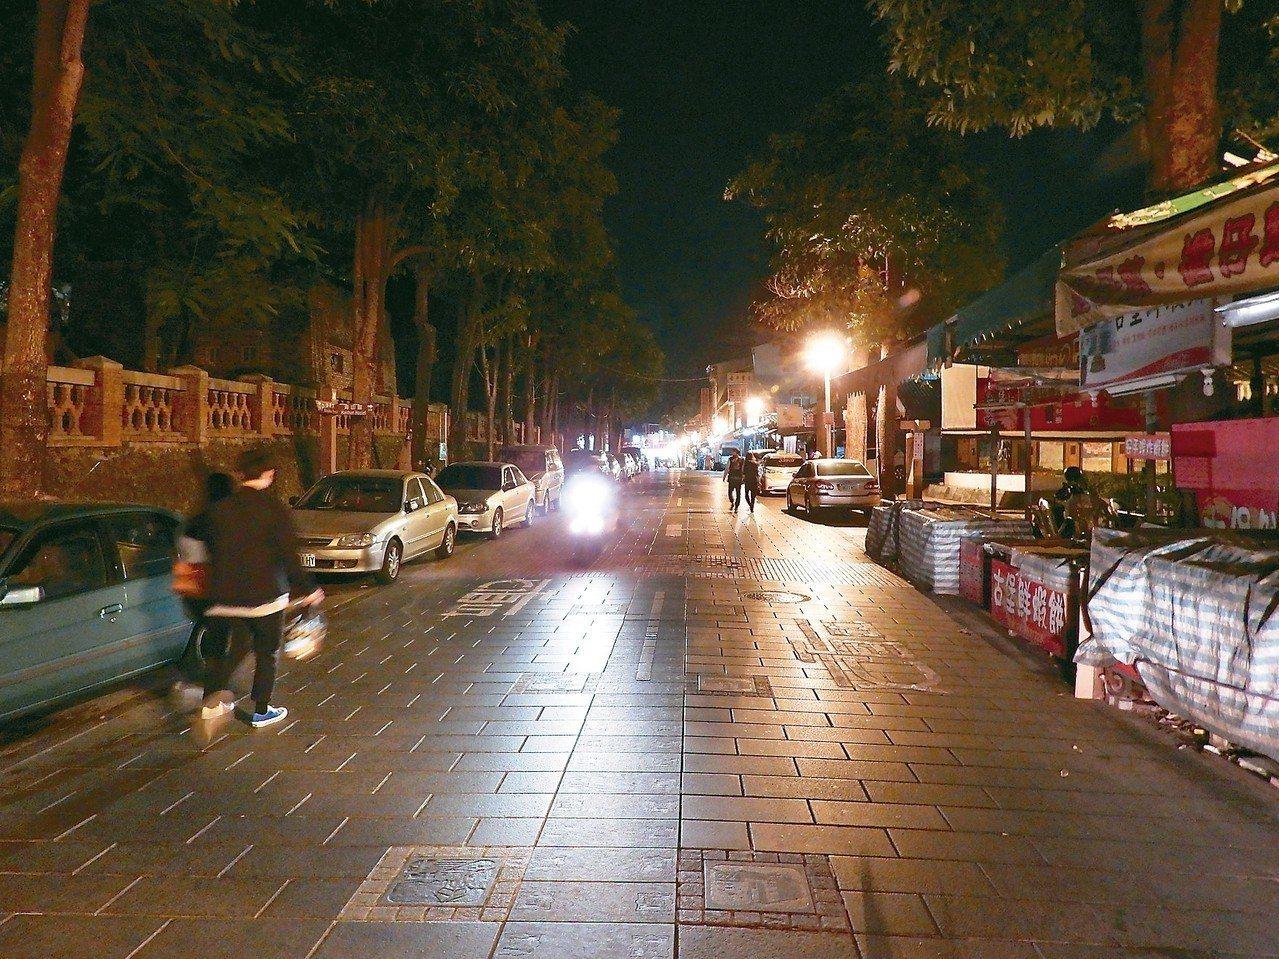 台南安平老街三年前入夜依舊遊人如織,現在很多攤商平日不營業。 記者周宗禎/攝影